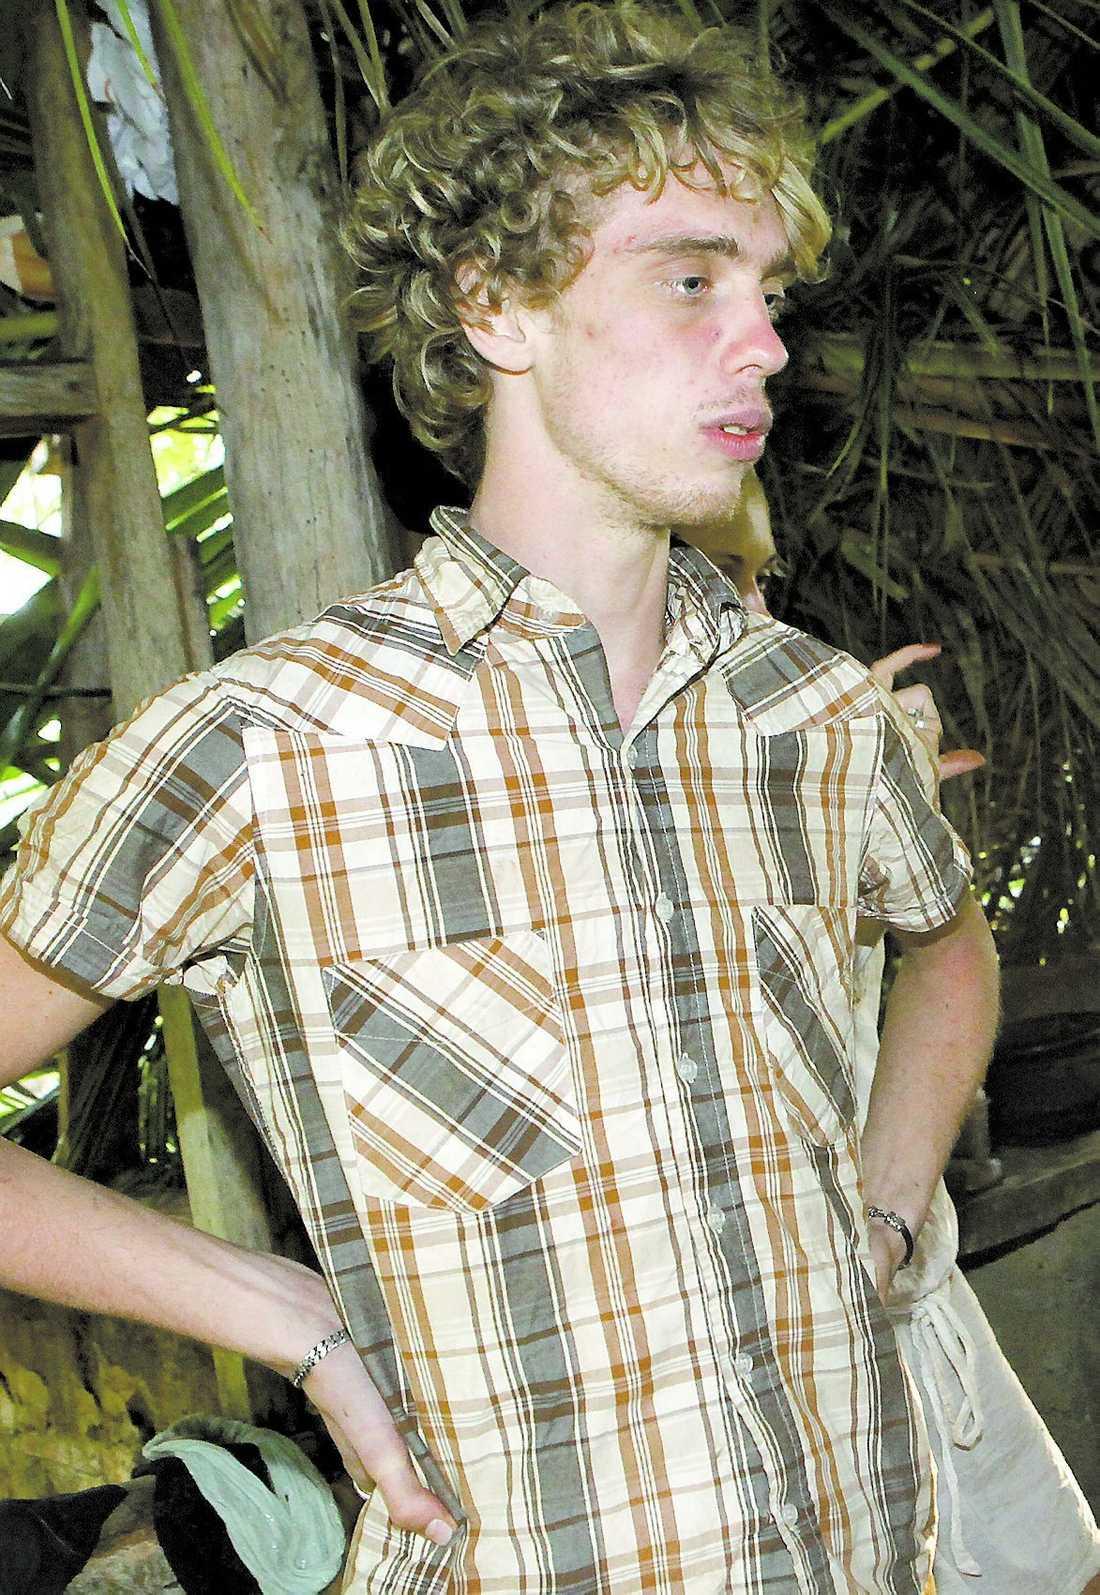 """Erik Rydberg, 21, friade till sin sambo när han kom hem från """"Robinson""""-ön, men när programmet började sändas sprack förhållandet. """"När väl """"Robinson""""-skiten drog igång... det är helt sjukt vad som händer med en"""", säger han."""